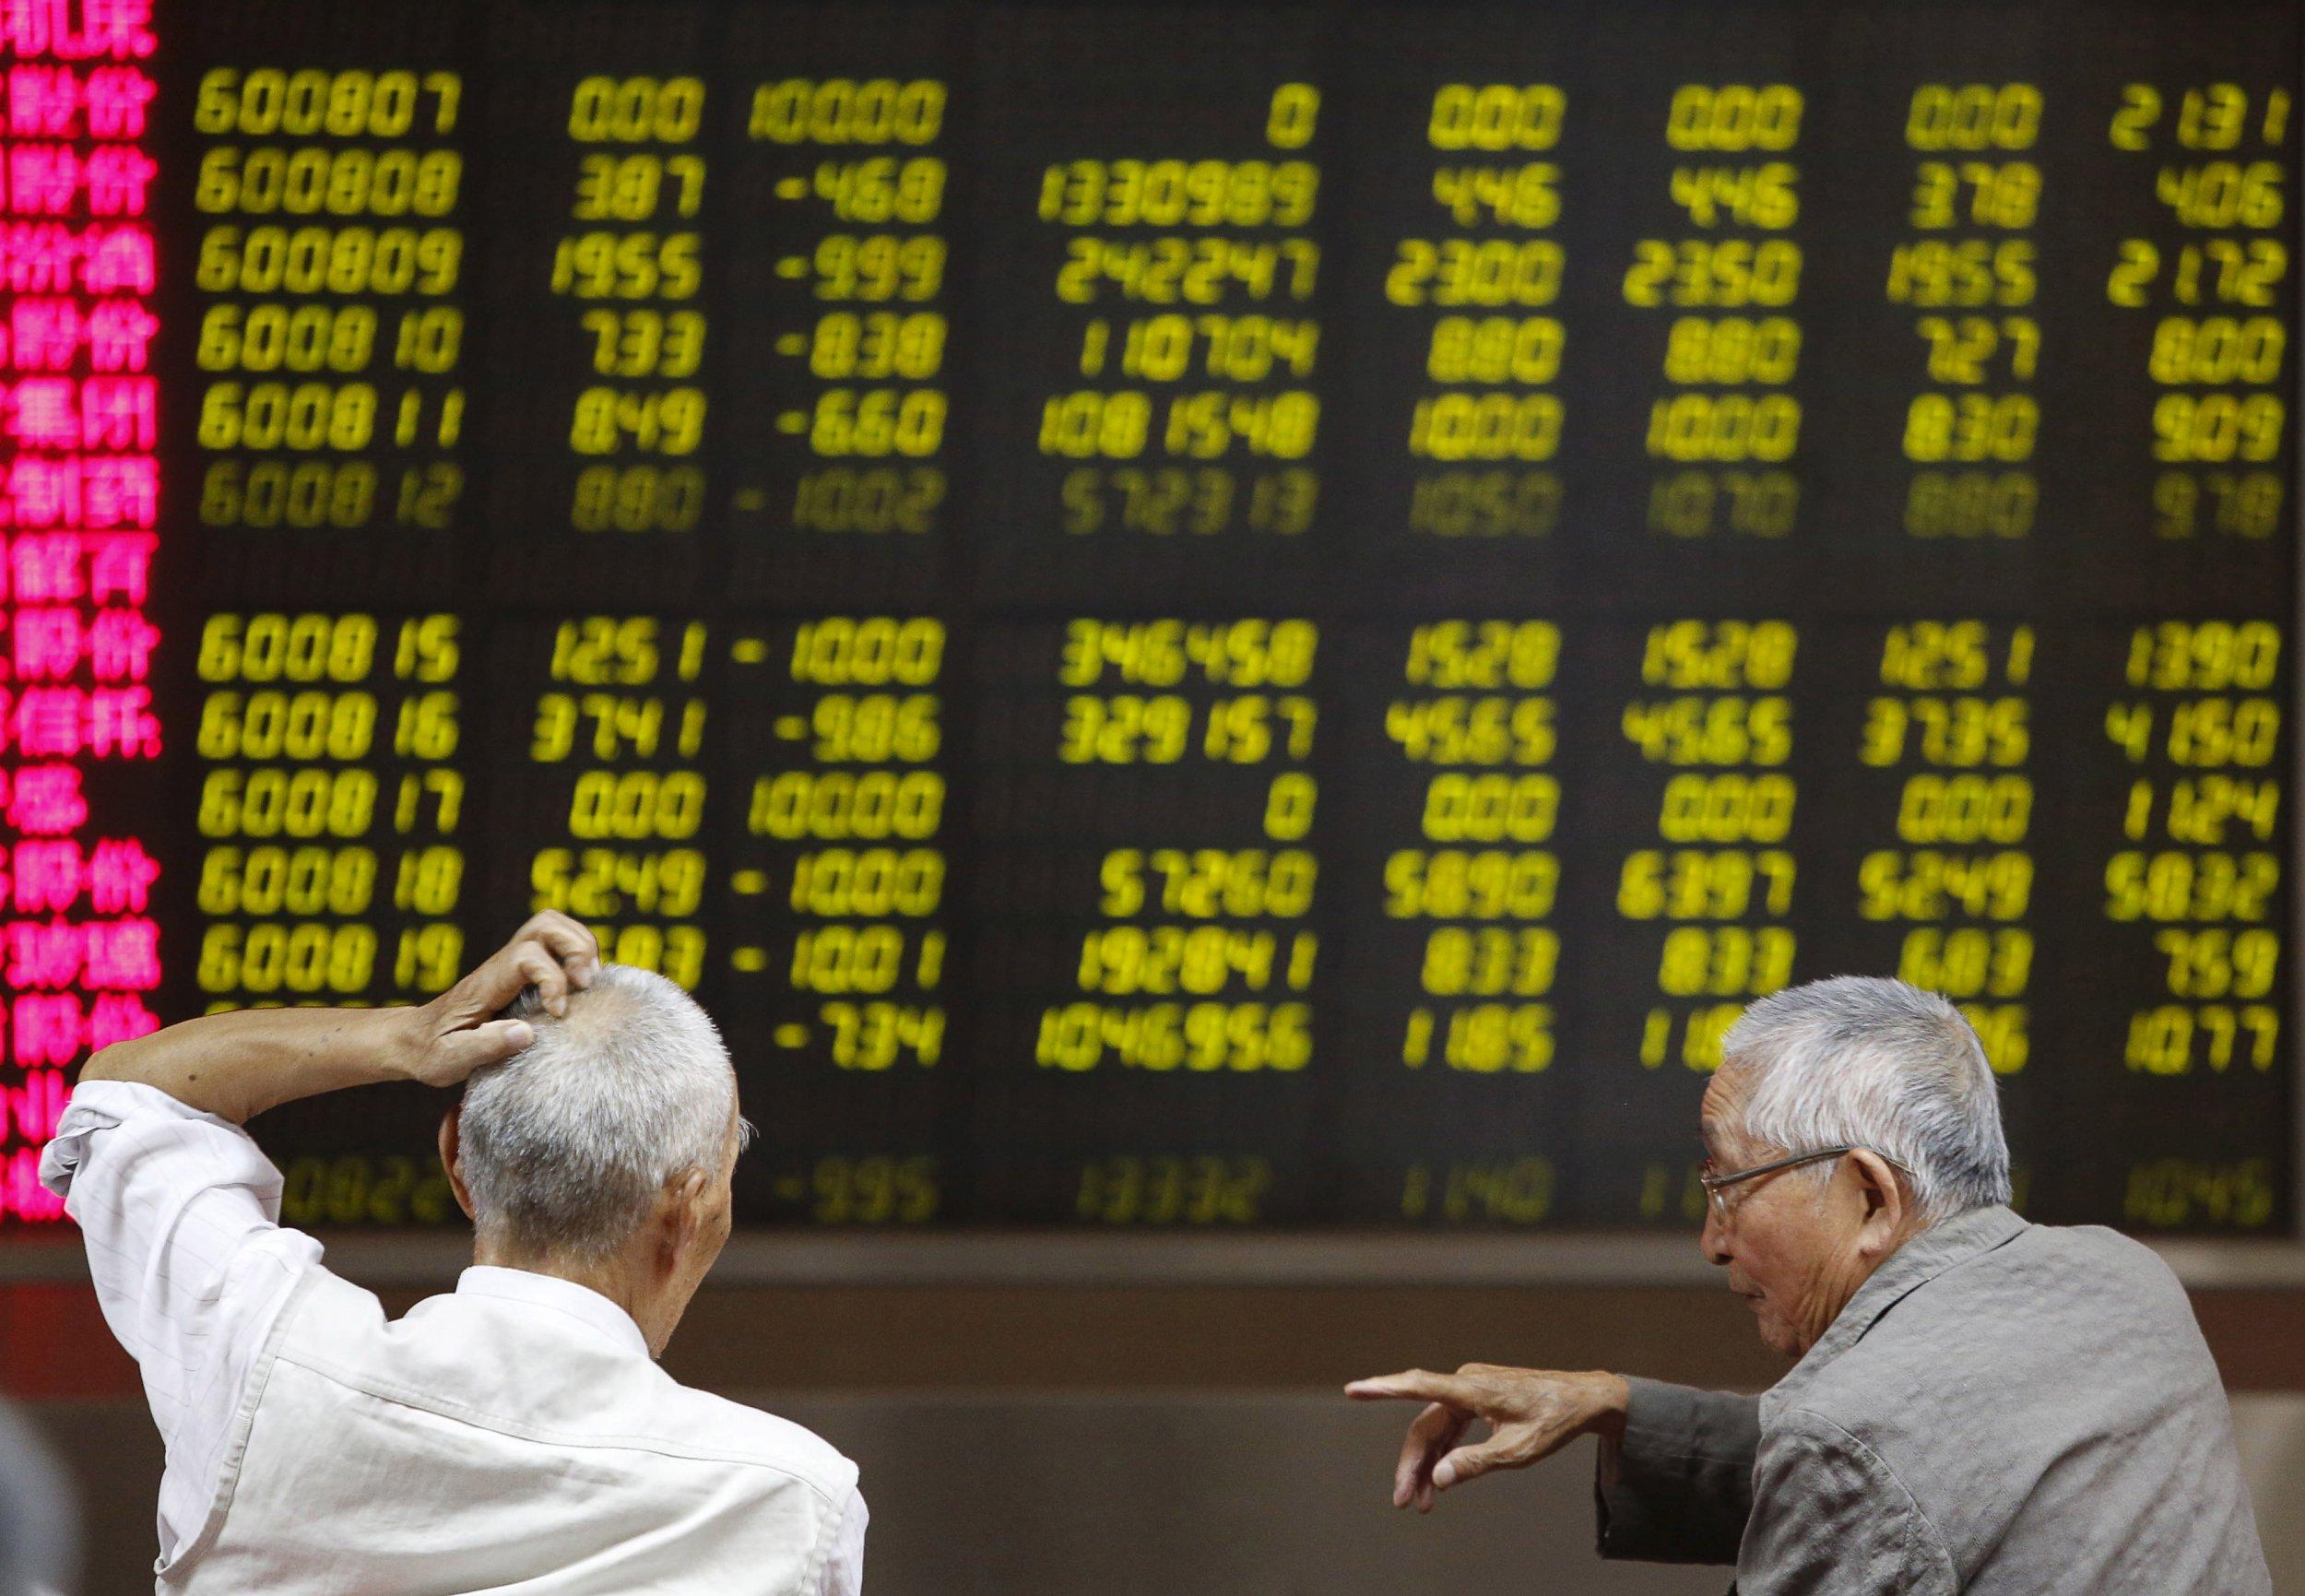 0723_china_stock_market